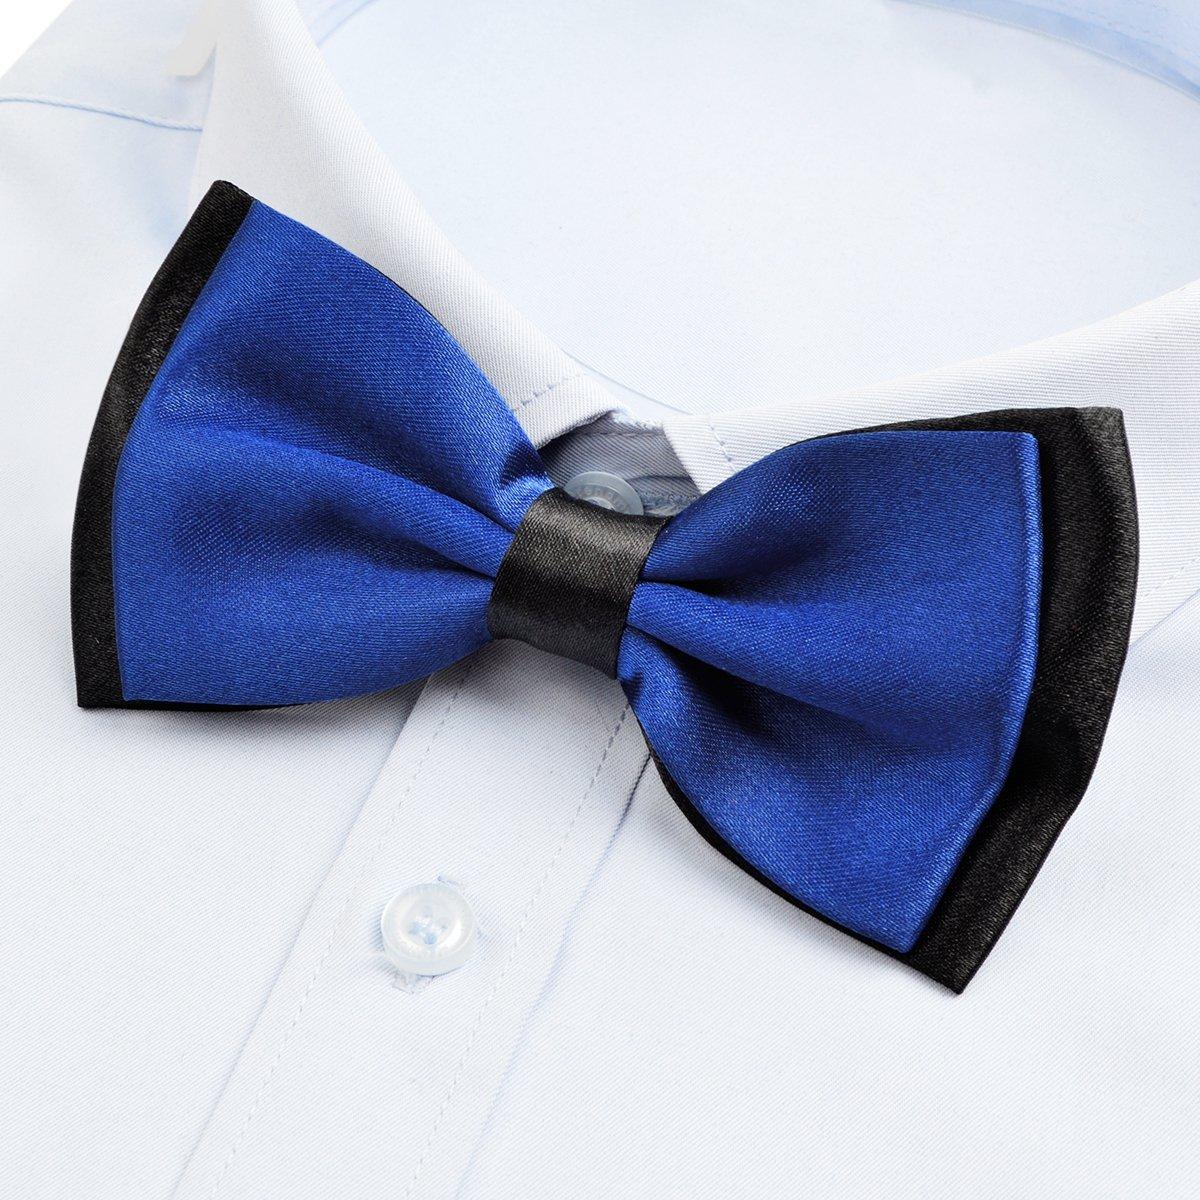 Alizeal Mens//Boys Adjustable Pre-tied Bicolourable Bow Ties